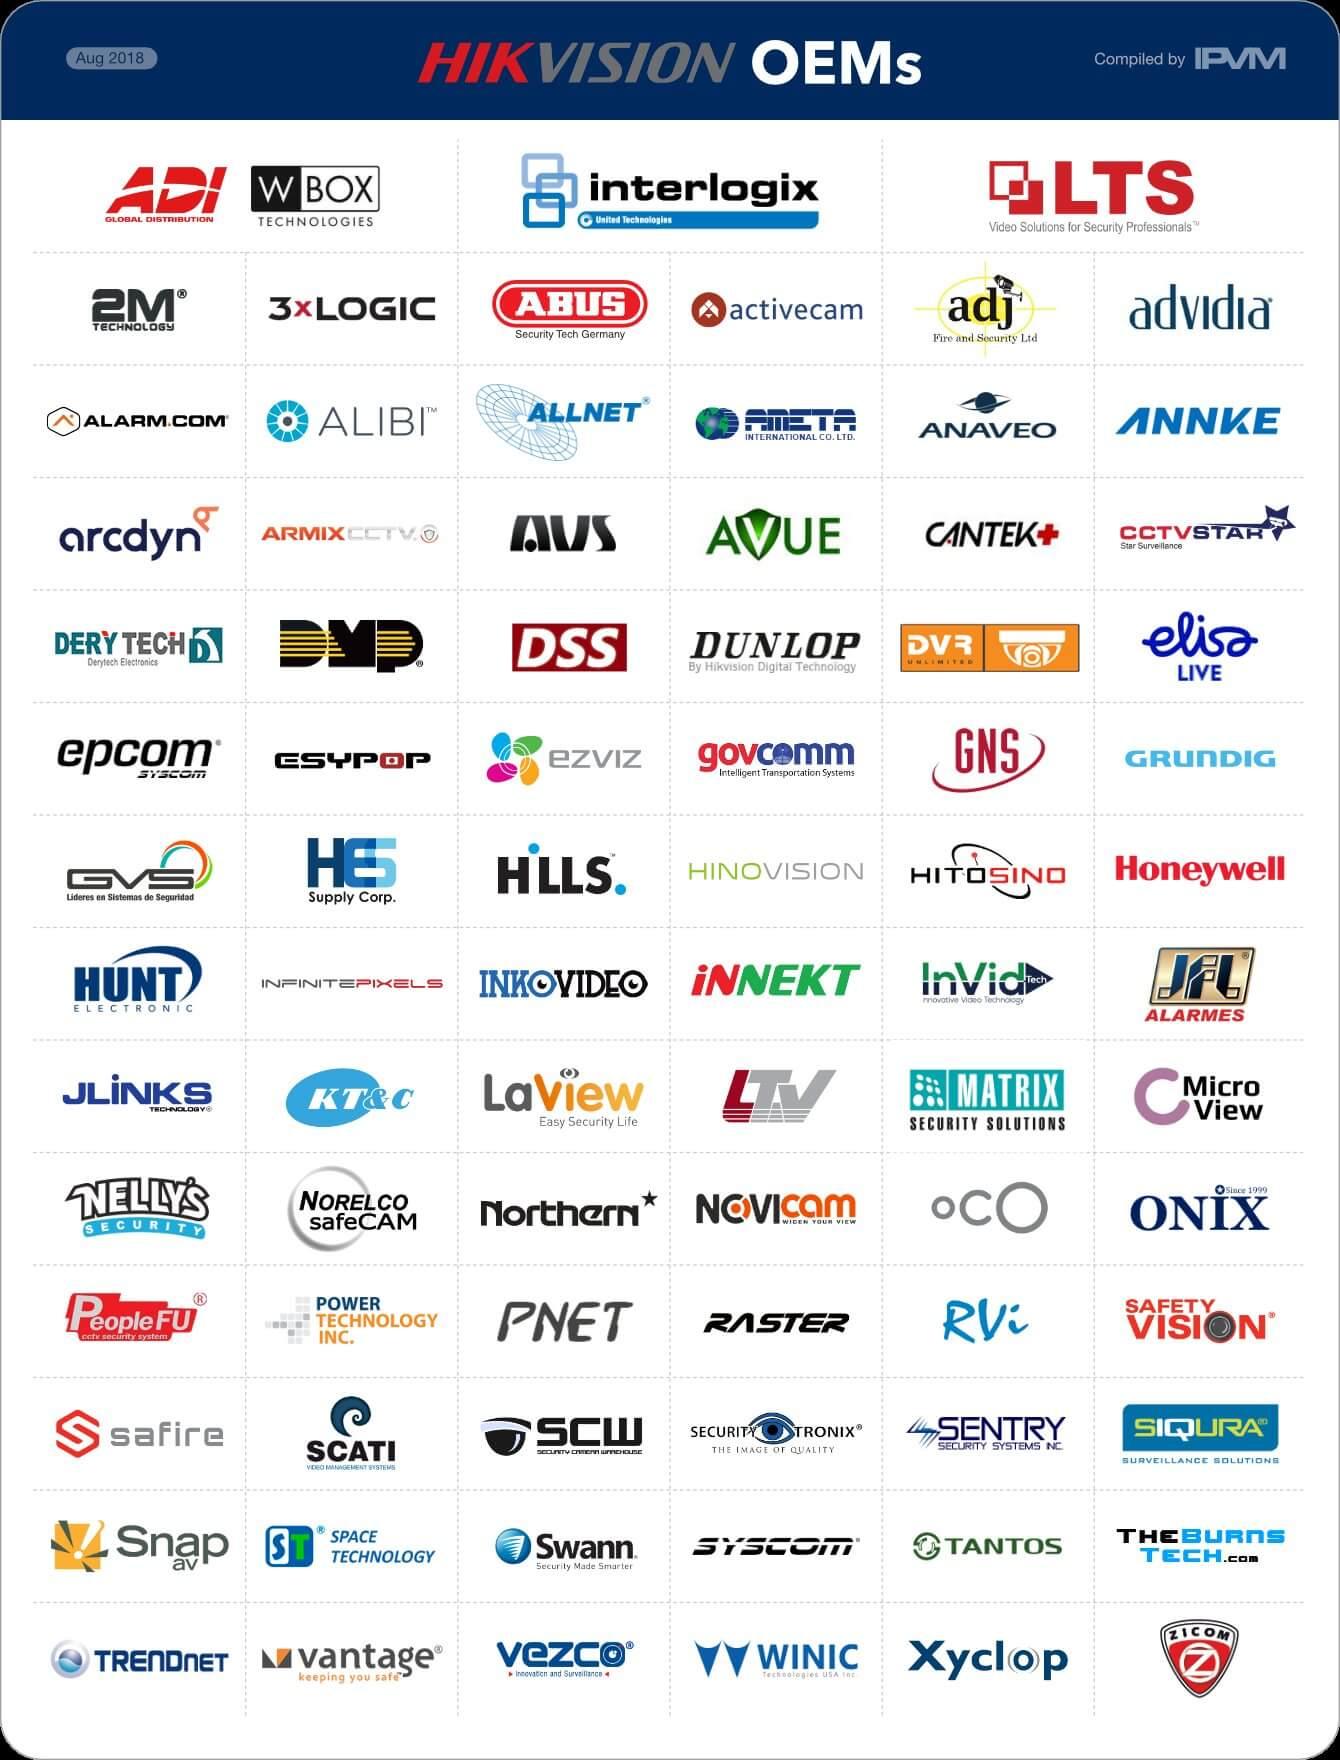 Danh sách camera OEM từ HIKVision